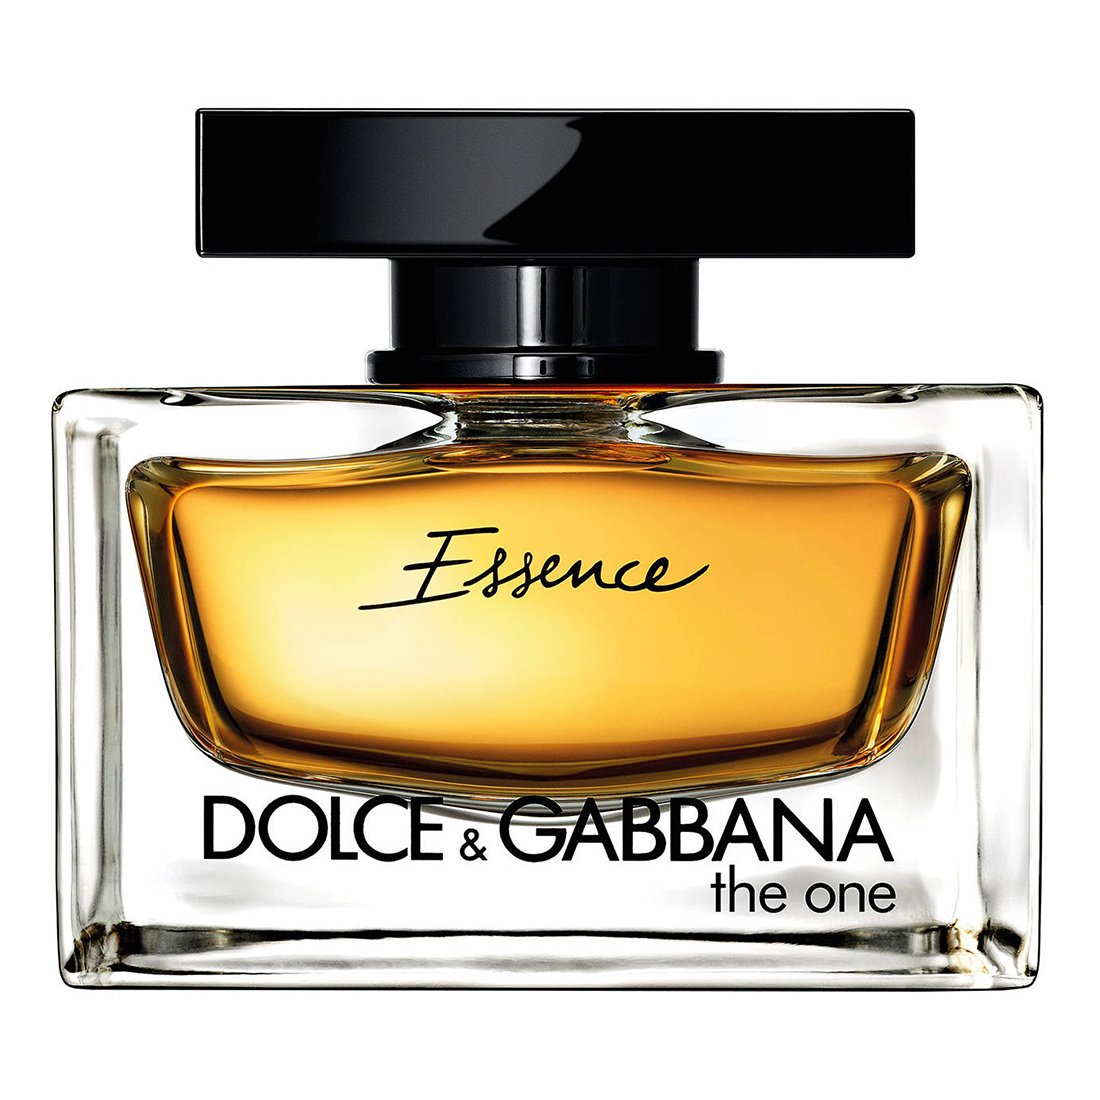 Eau de Parfum The One Essence - DOLCE & GABBANA